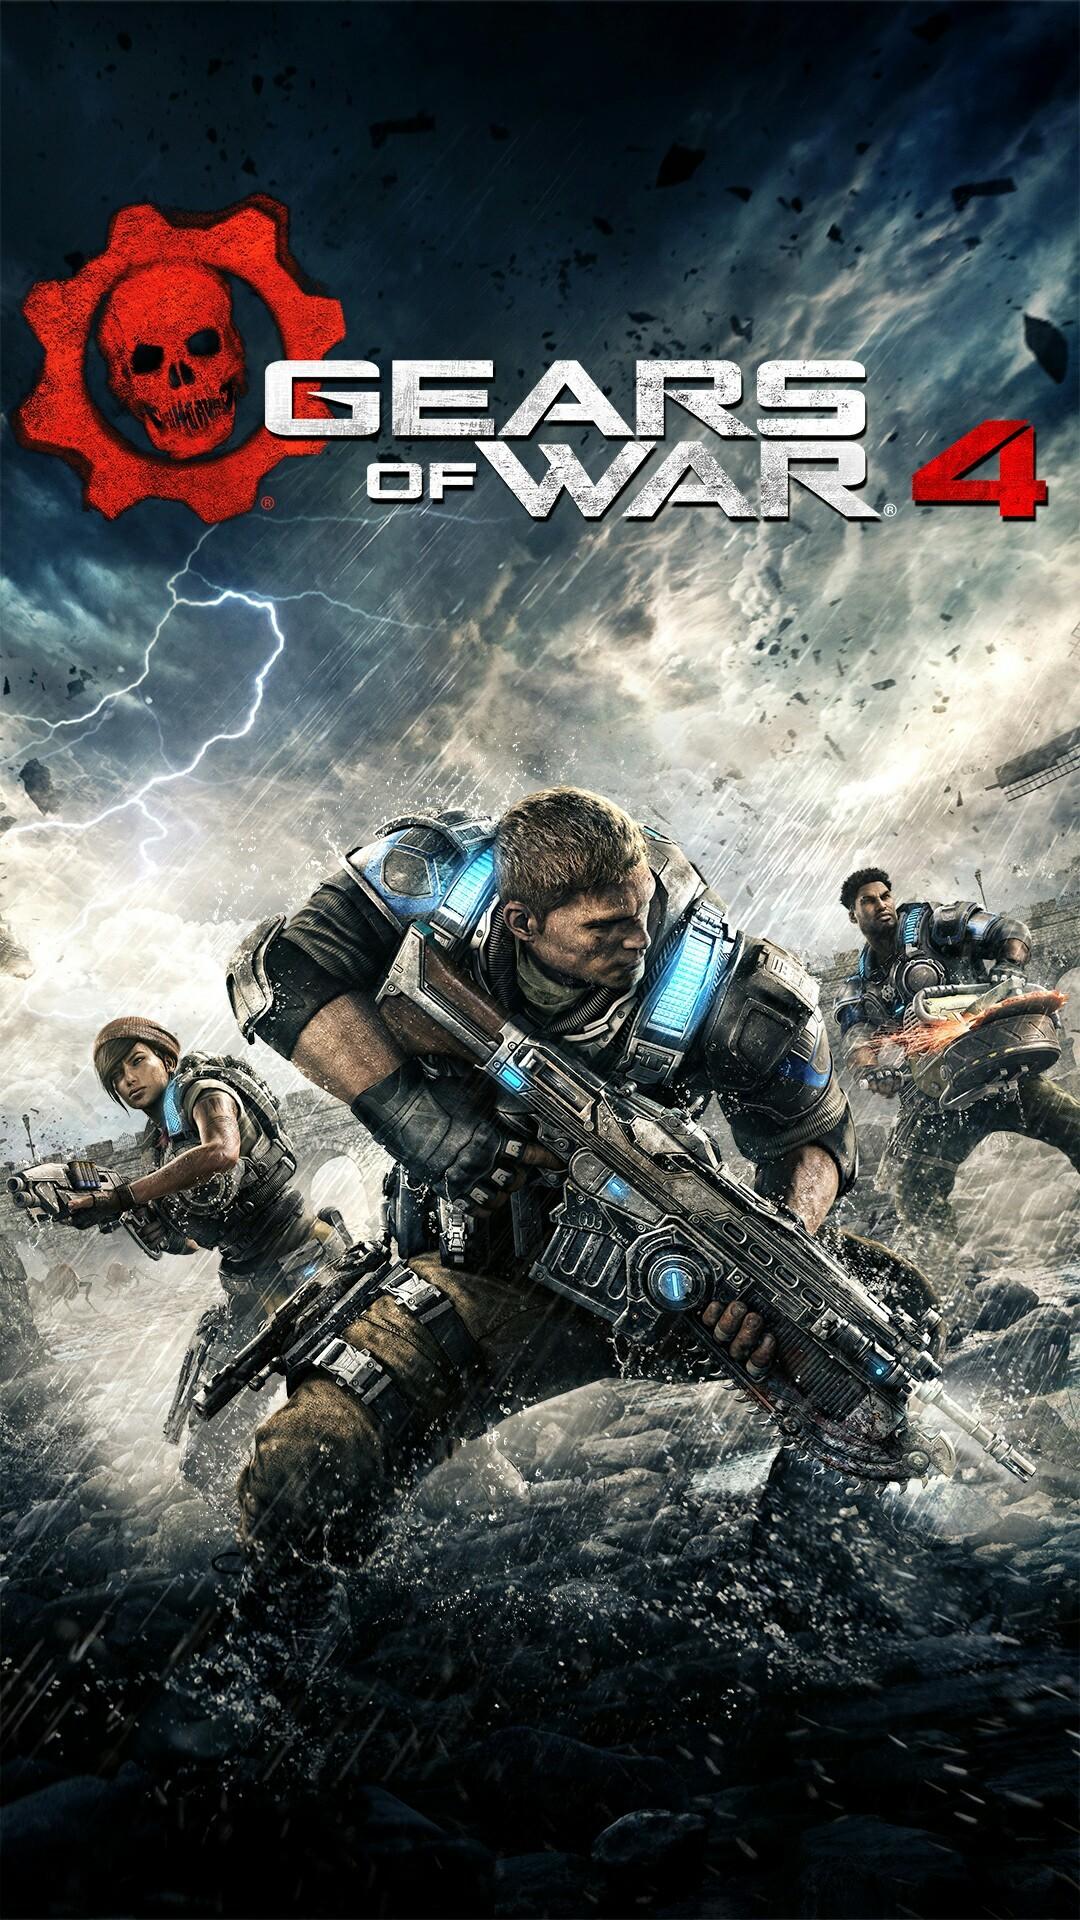 Gears of war 4 wallpapers 74 images - Wallpaper gears of war 4 ...